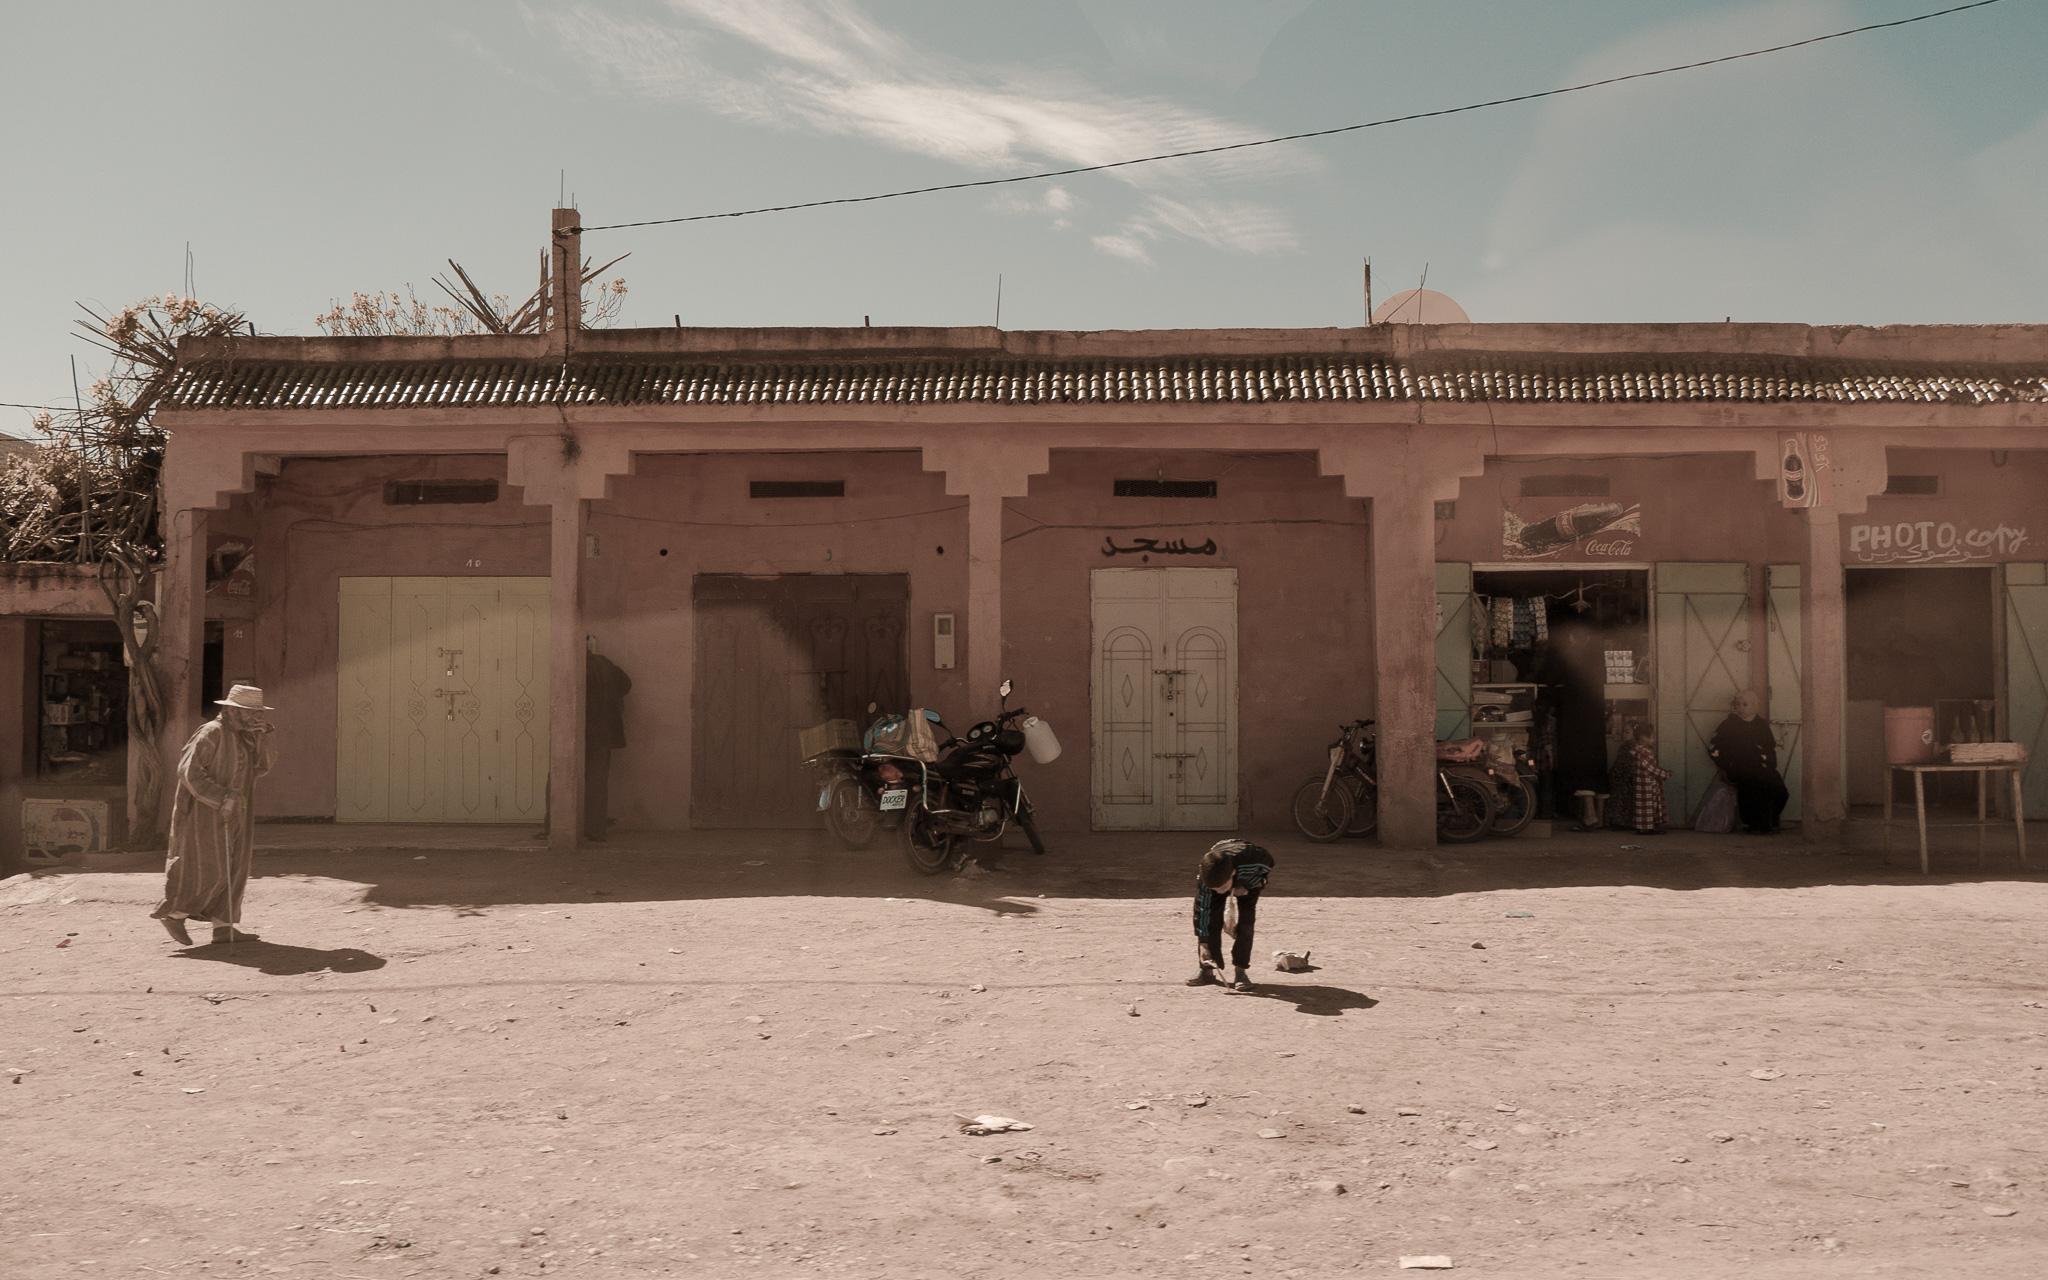 03-Marokko-0067-P-1204.jpg